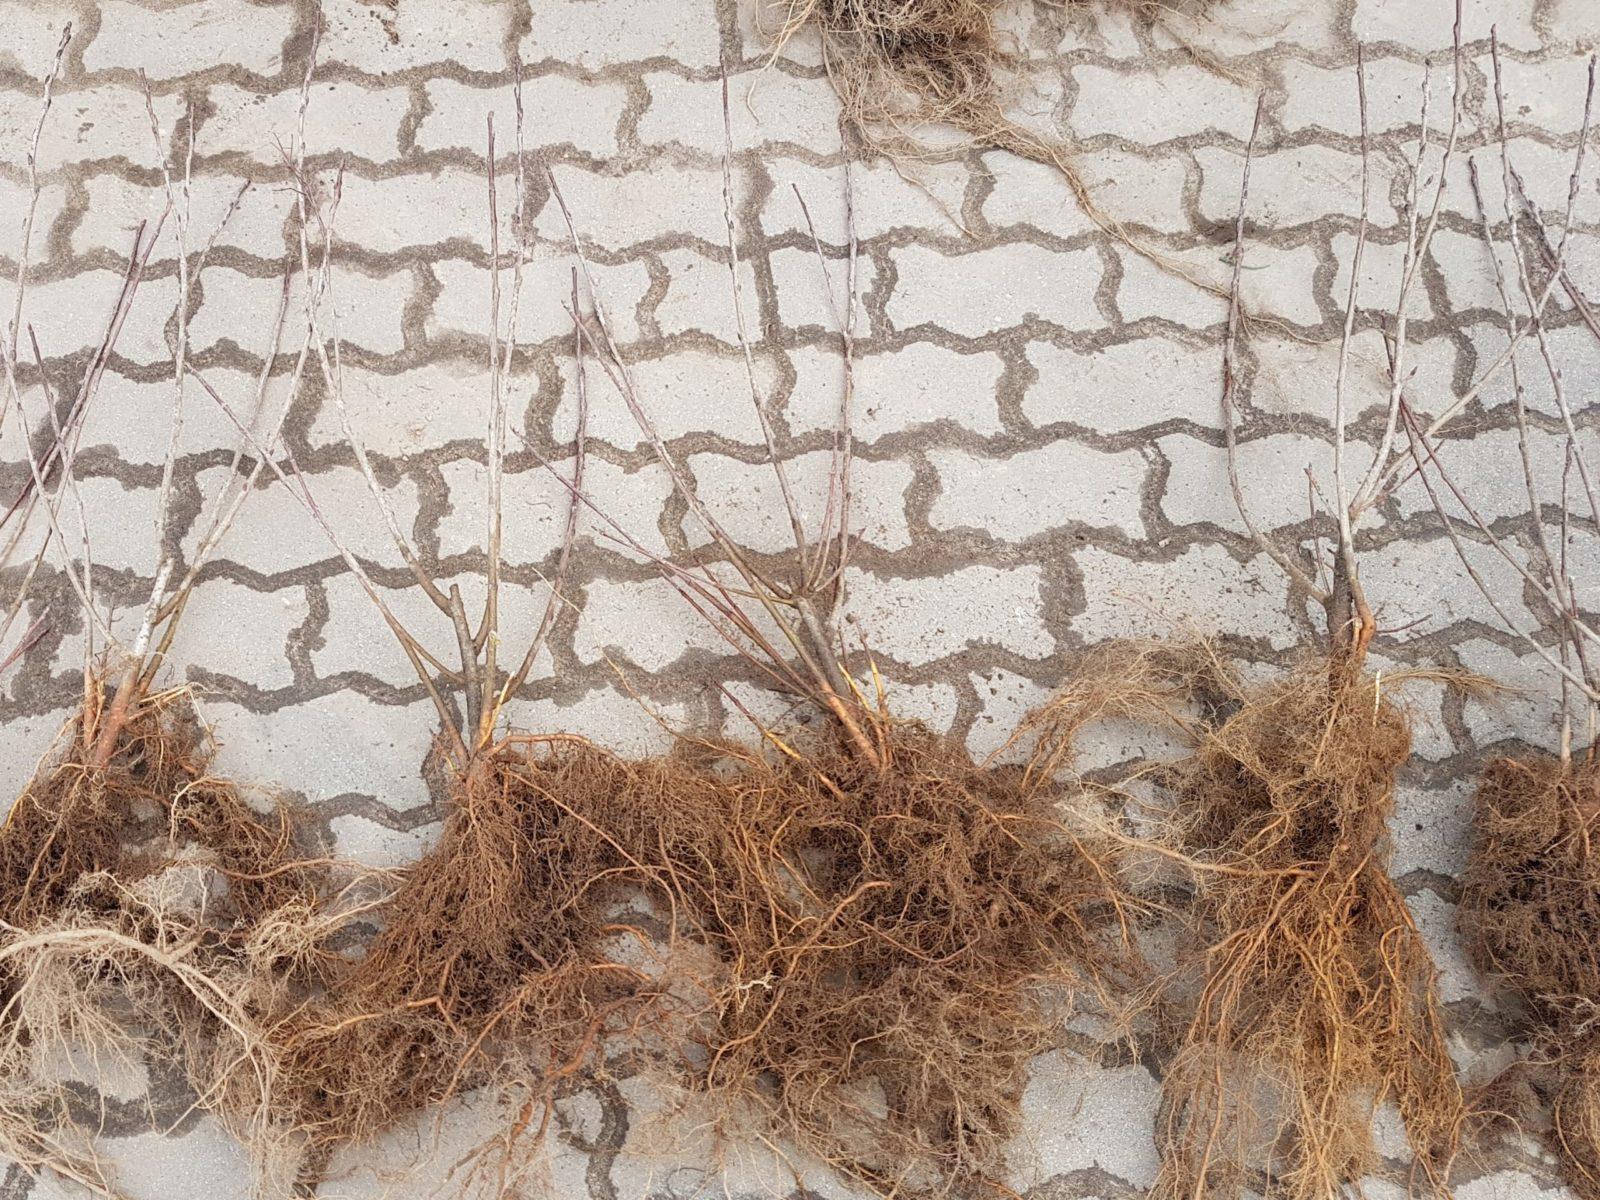 dwuletnie wegetatywne sadzonki aronii